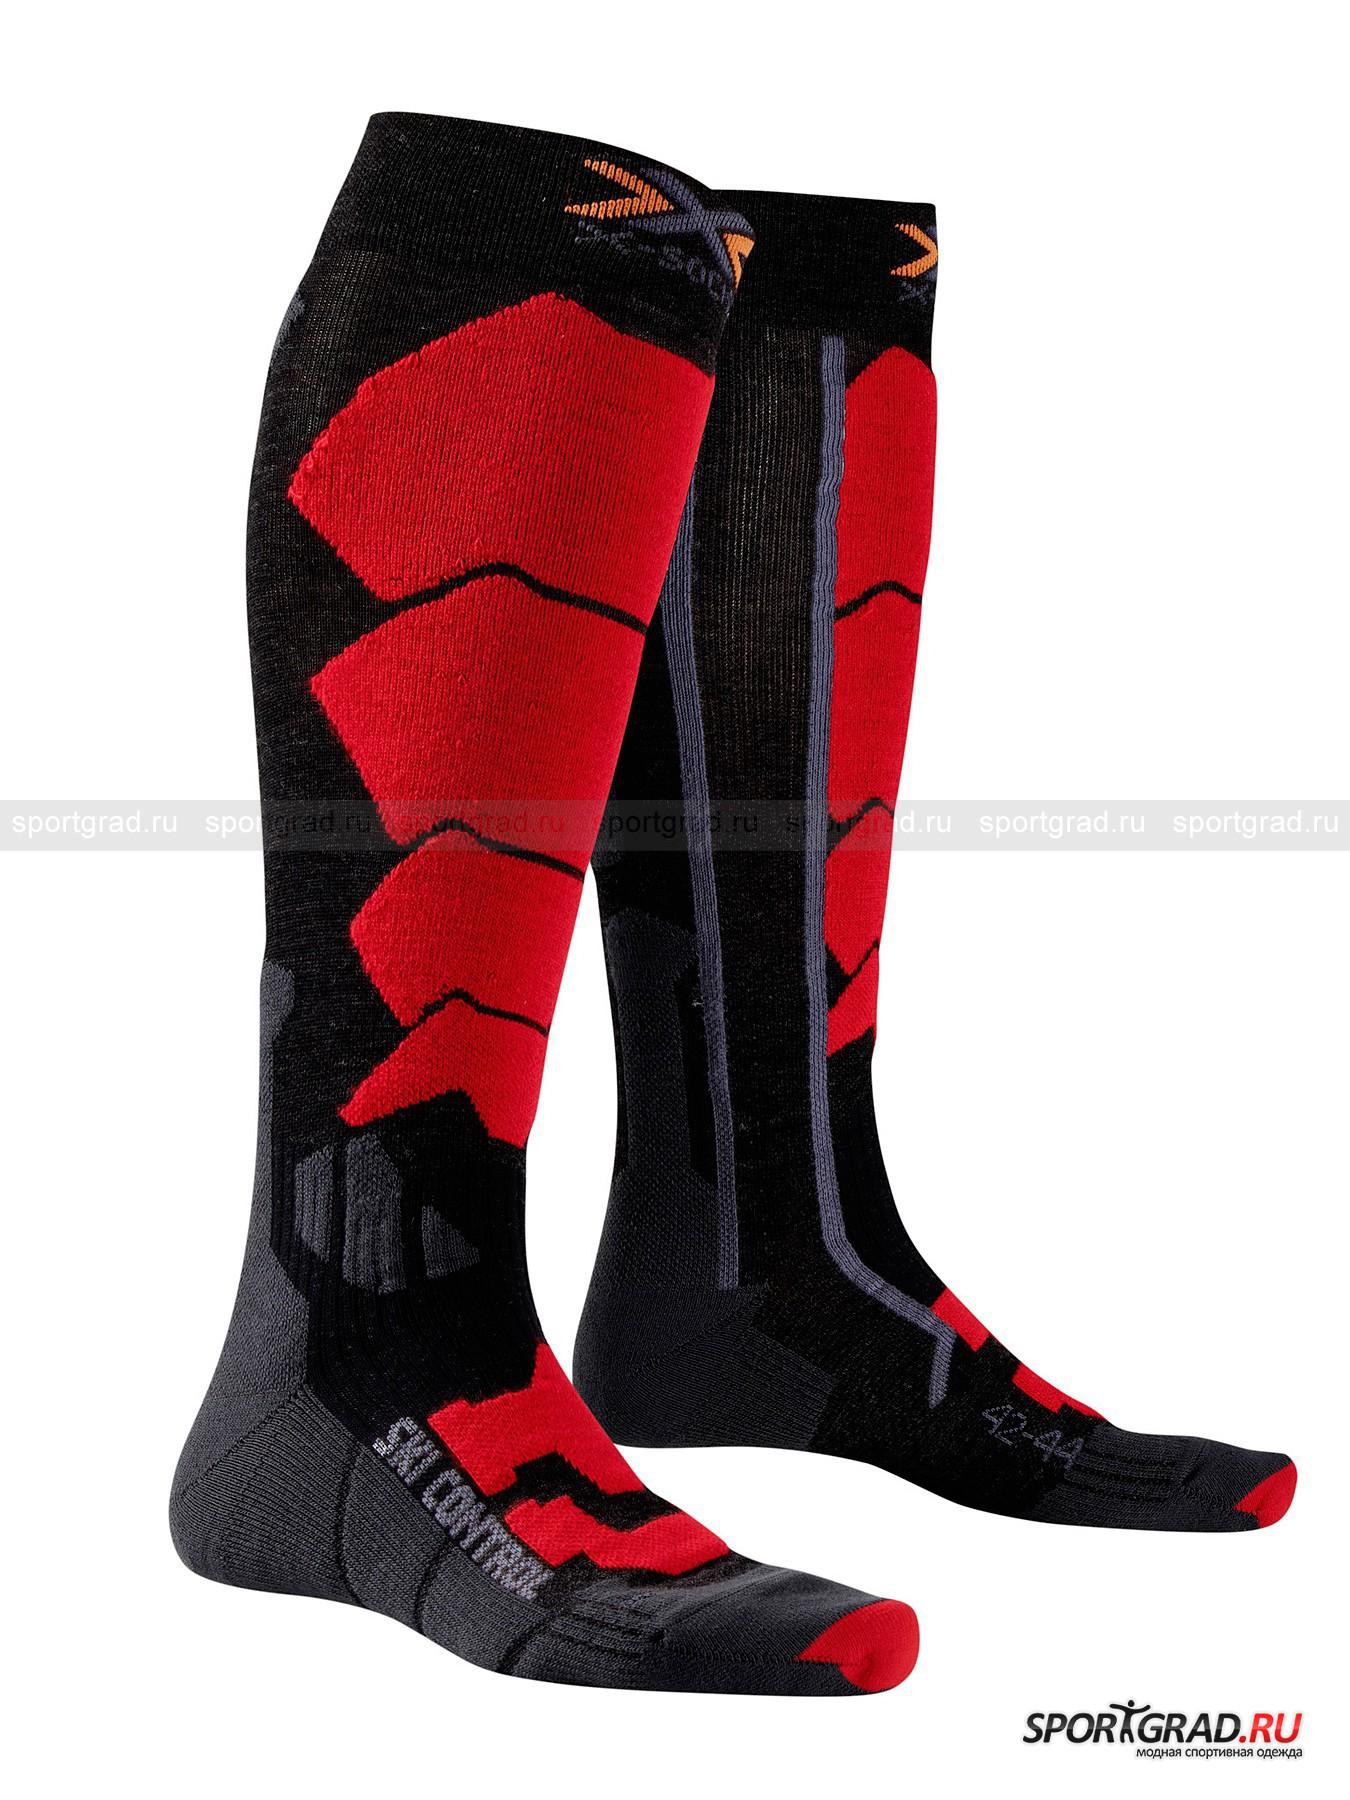 Носки унисекс SKI CONTROL X-SOCKSНоски<br>Носки унисекс SKI CONTROL X-SOCKS – предмет первой необходимости для тех, кто серьезно увлекается зимними видами спорта и просто любит активный отдых на открытом воздухе. Воздушные каналы, зоны амортизации, специальные набивки для защиты проблемных зон способствуют созданию оптимального микроклимата в обуви даже при интенсивной нагрузке. По воздуховыводящему каналу AirConditioning Channel® с каждым шагом выталкивается влажный и перегретый воздух. Саморегулирующаяся манжета подстраивается под голень любой полноты, не сжимая и не скатываясь. Волокно Skin NODOR обладает антибактериальным эффектом, что значительно уменьшает рост бактерий, гарантируя Вам приятную свежесть и сухость в течение всего дня.<br><br>Возраст: Взрослый<br>Тип: Носки<br>Состав: 72% акрил, 10% мериносовая шерсть, 9% полиэстер, 8% нейлон, 1% эластан.